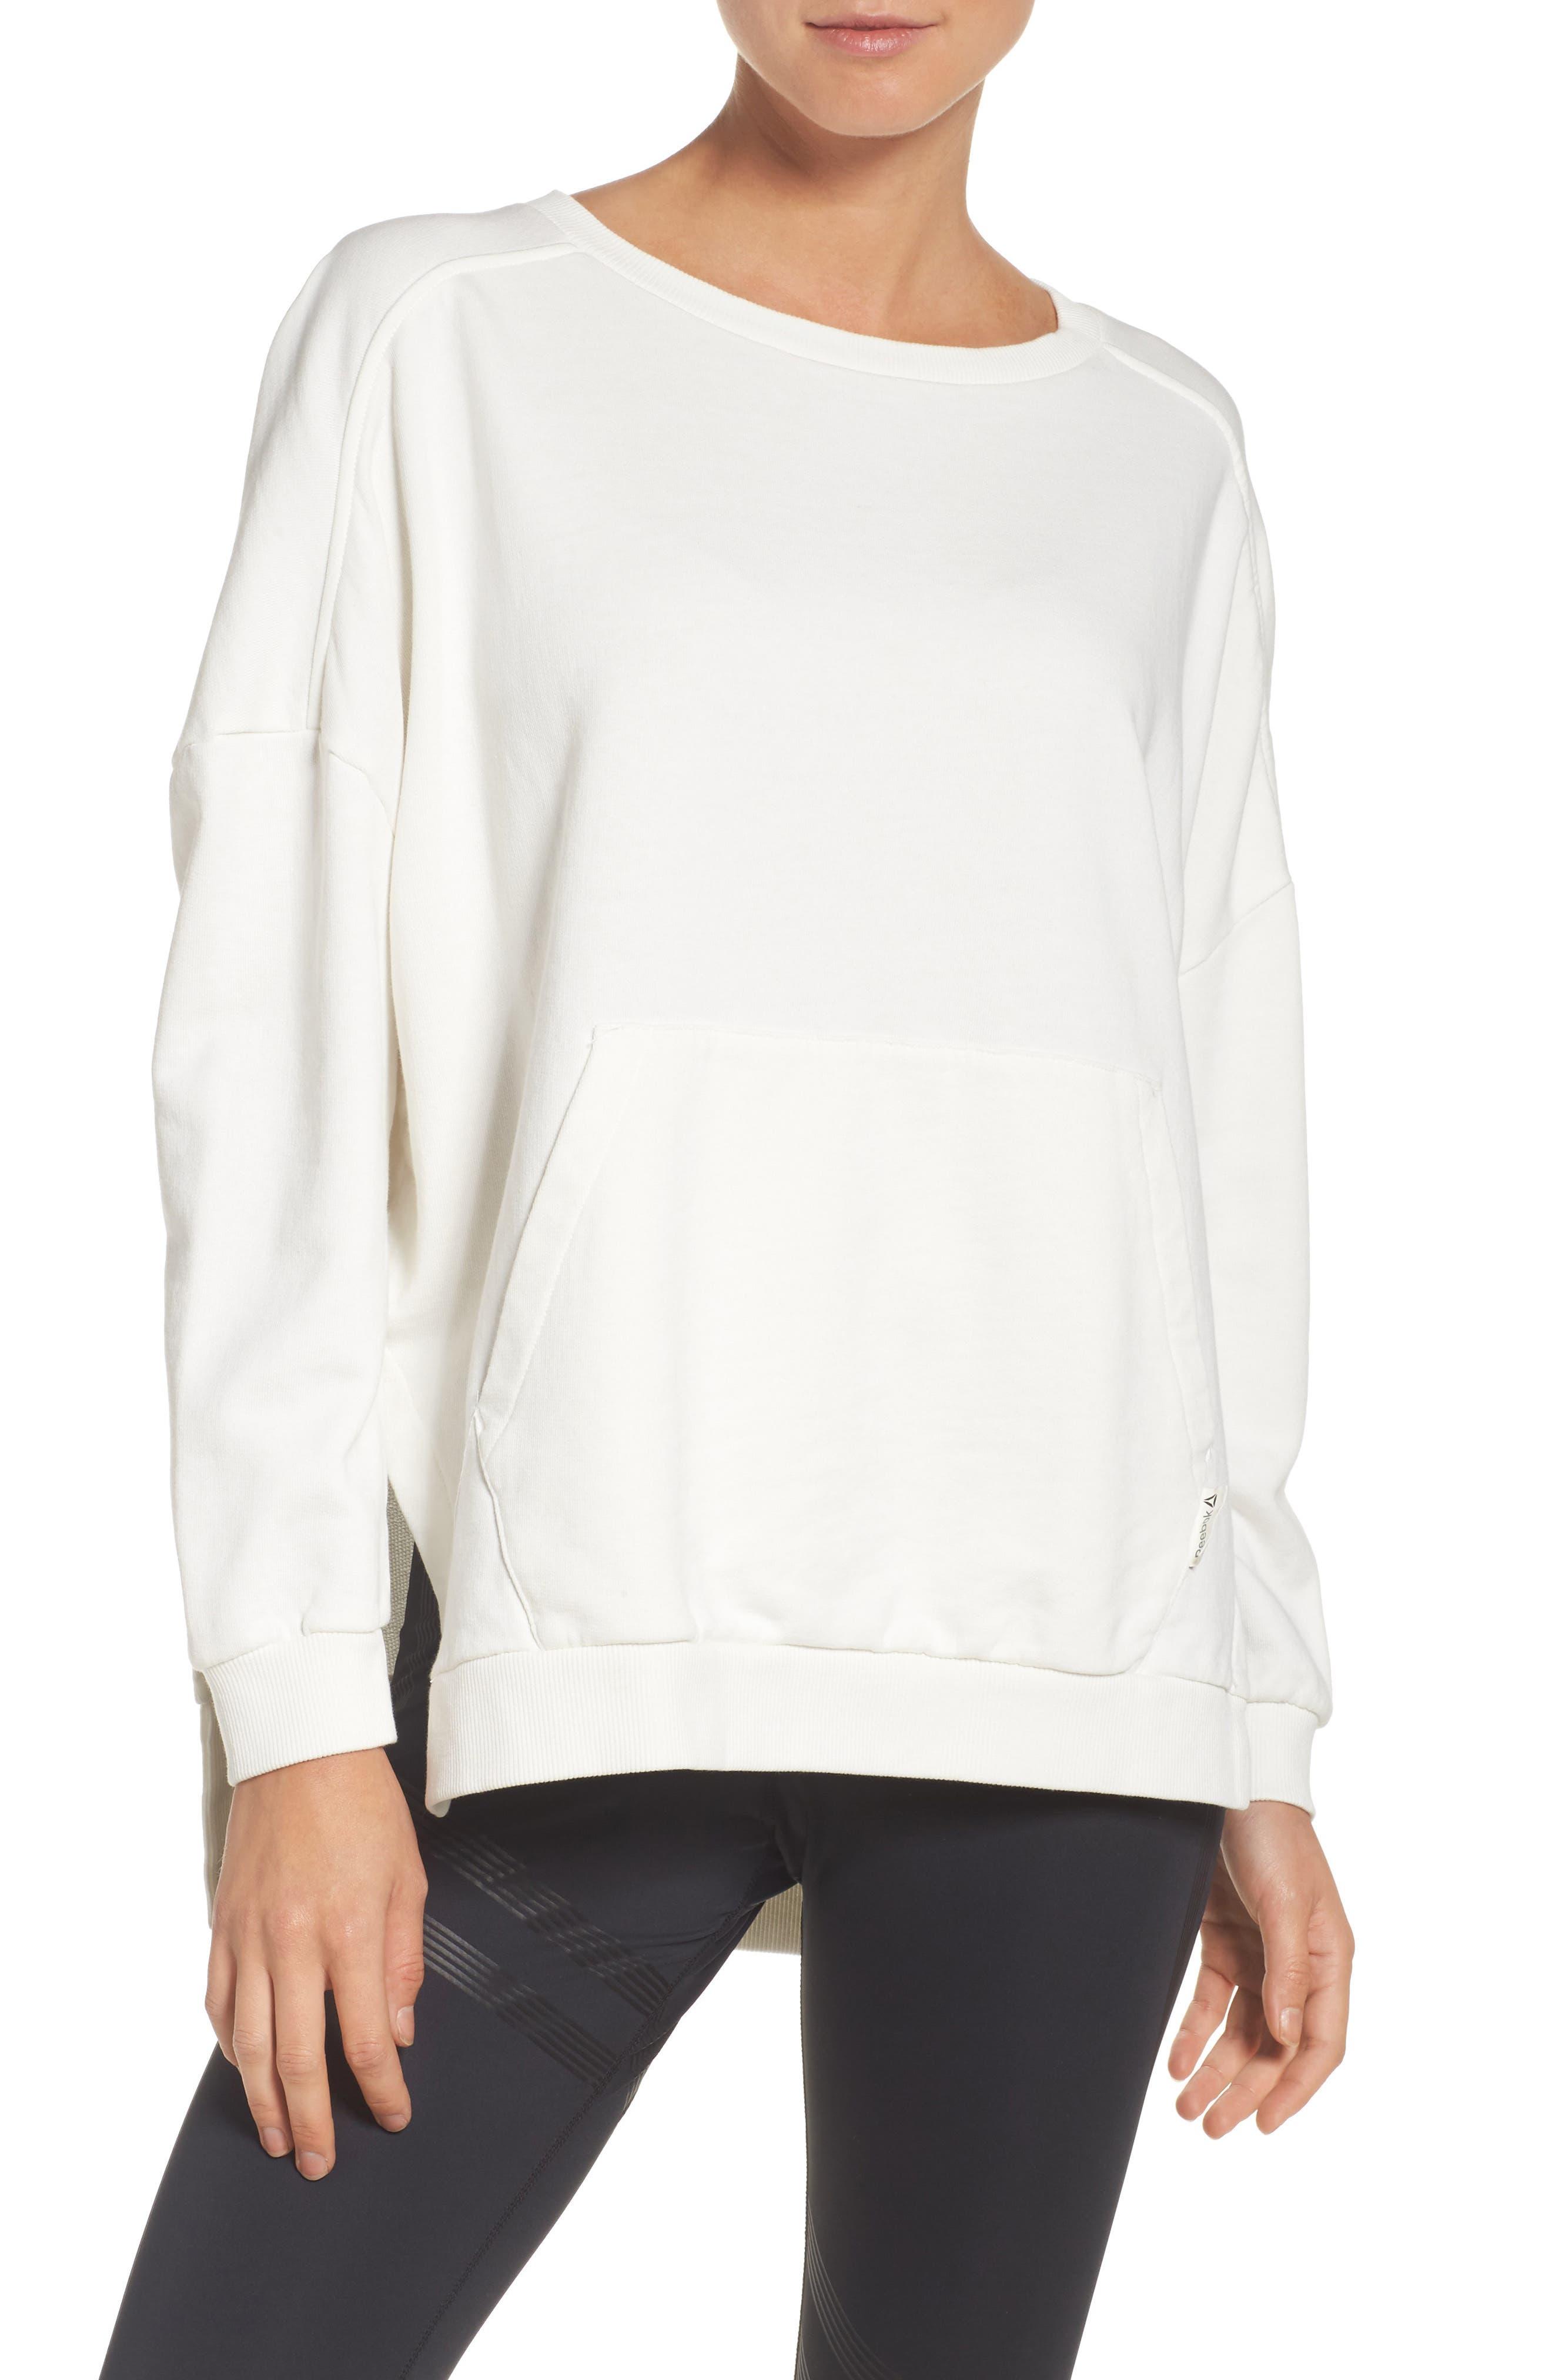 Reebok Favorite Oversize Crew Sweatshirt